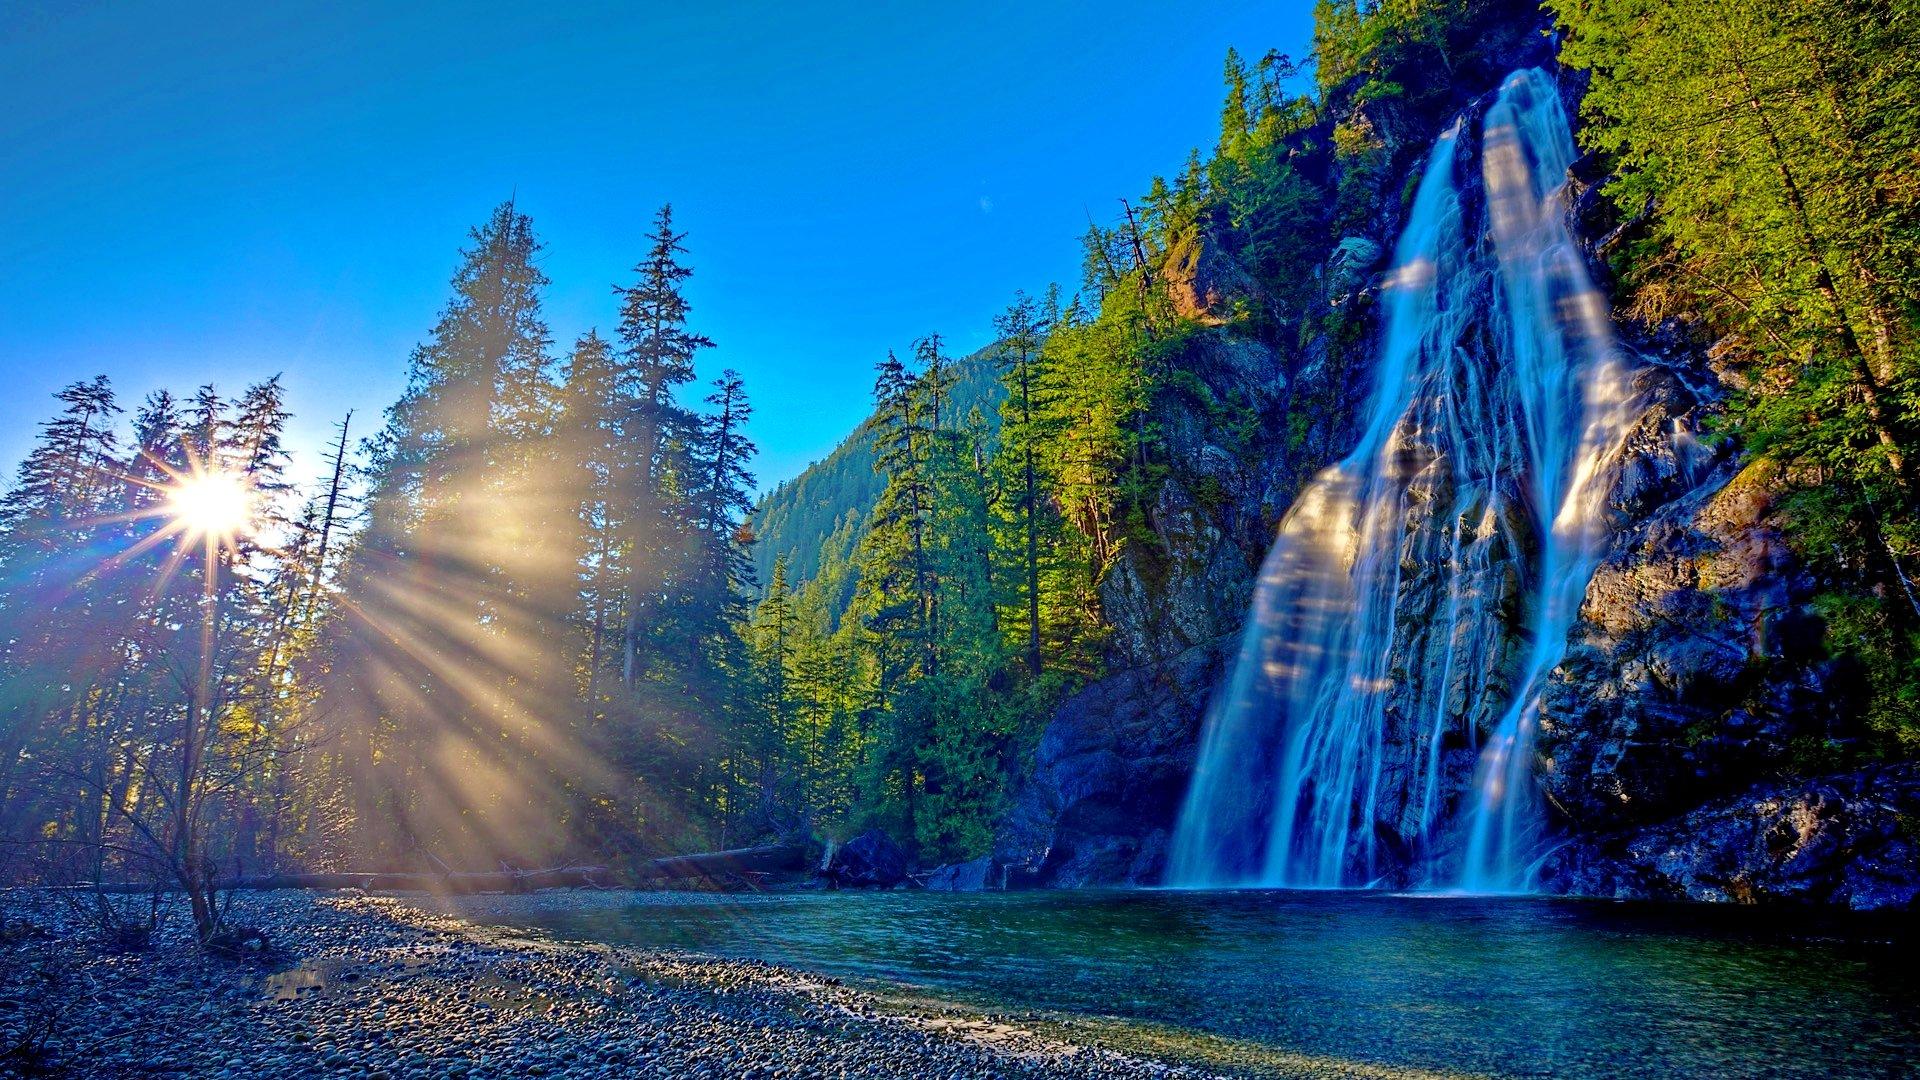 Waterfall wallpaper Full HD